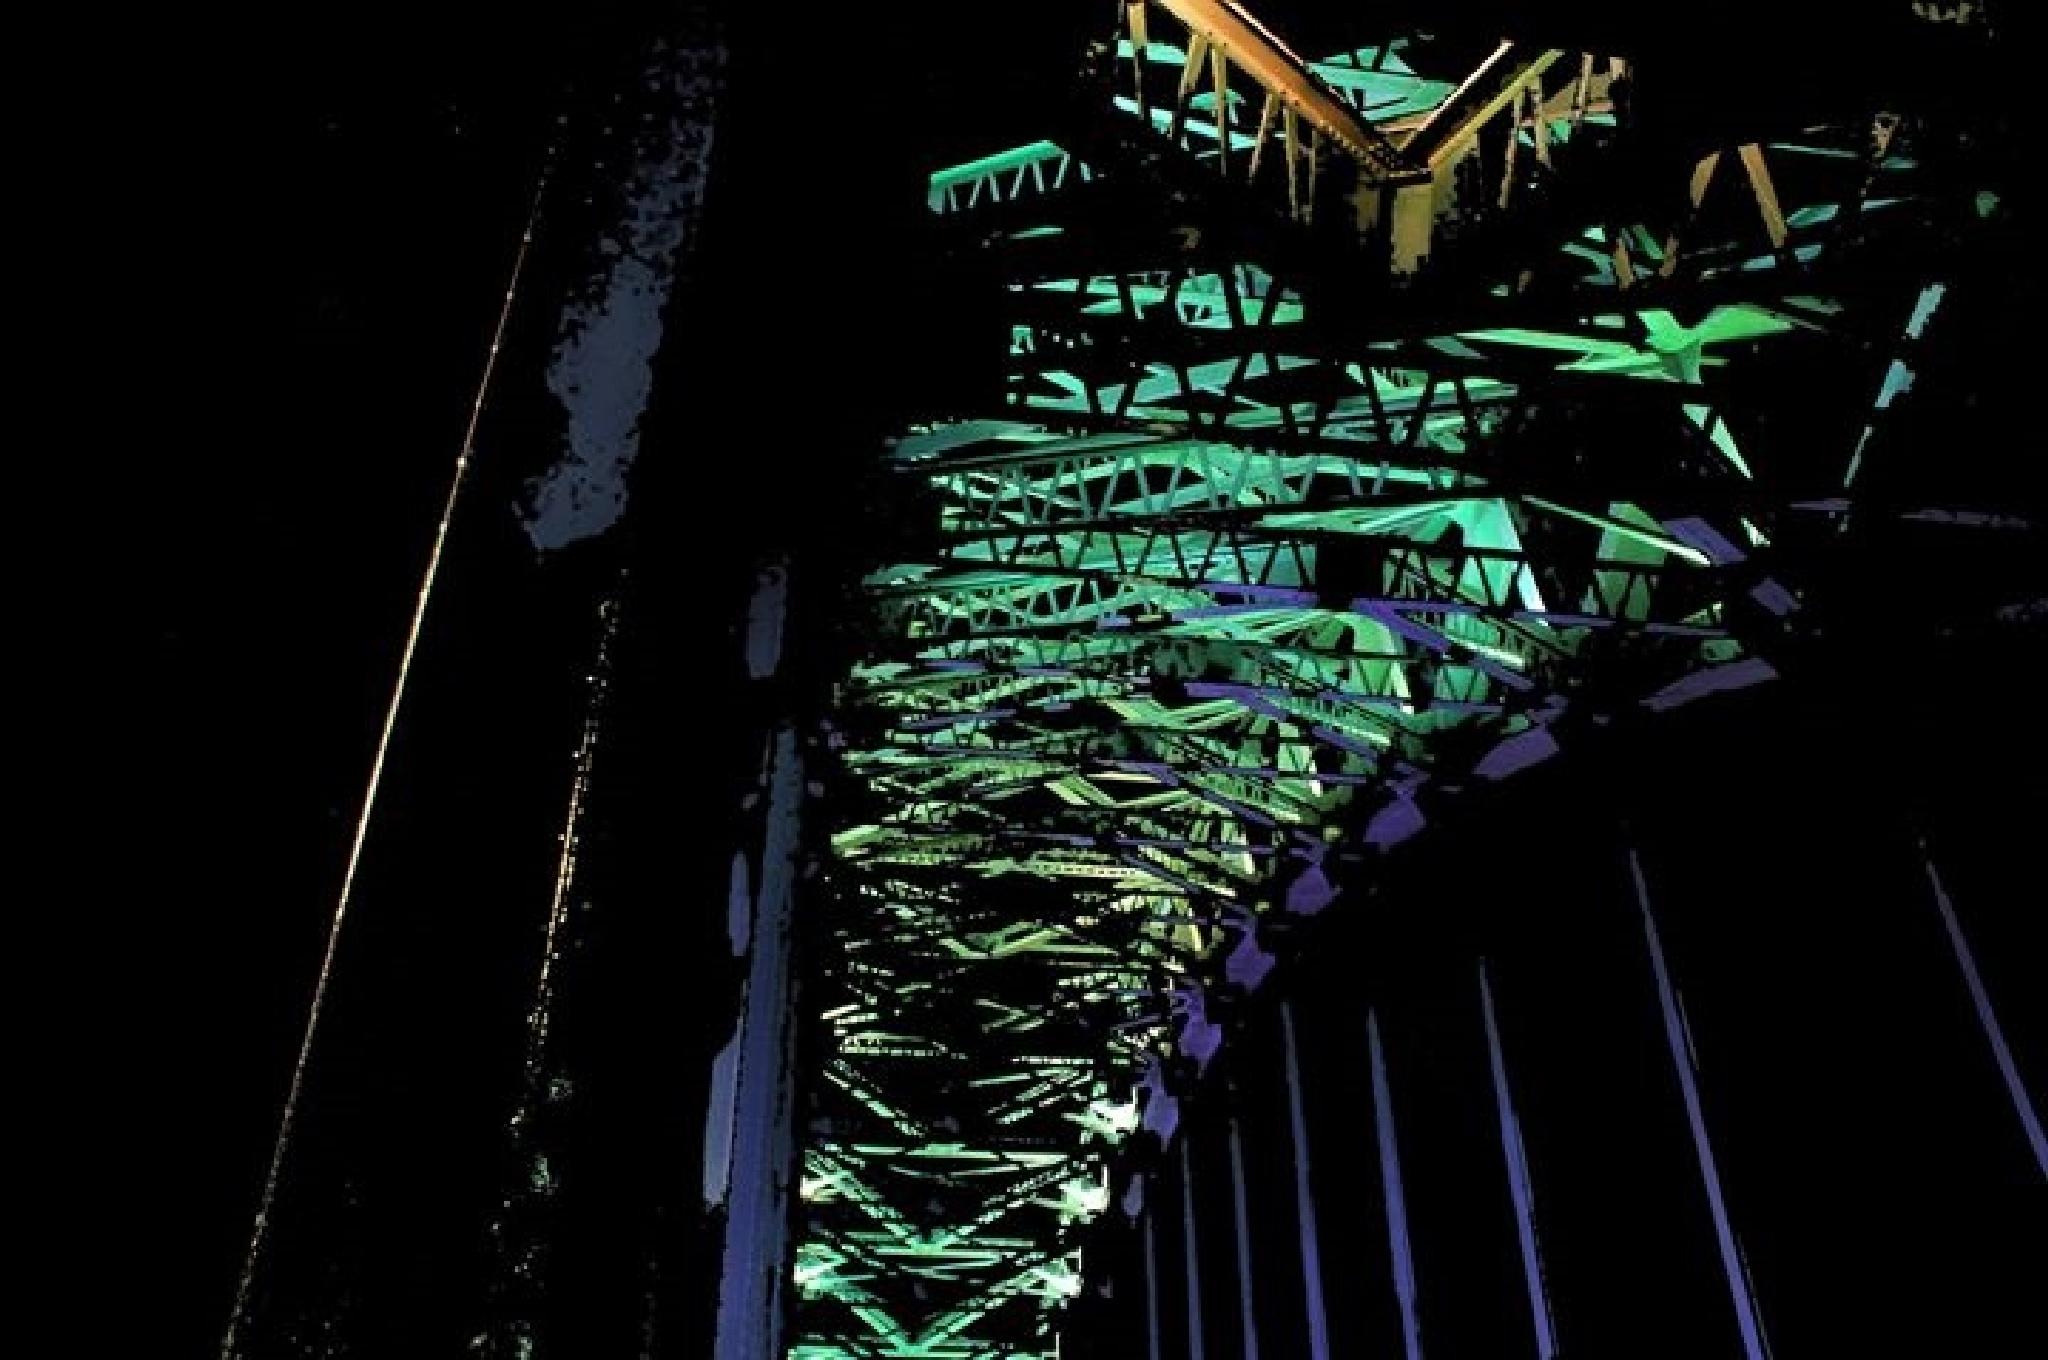 bridge span by Michael Brady